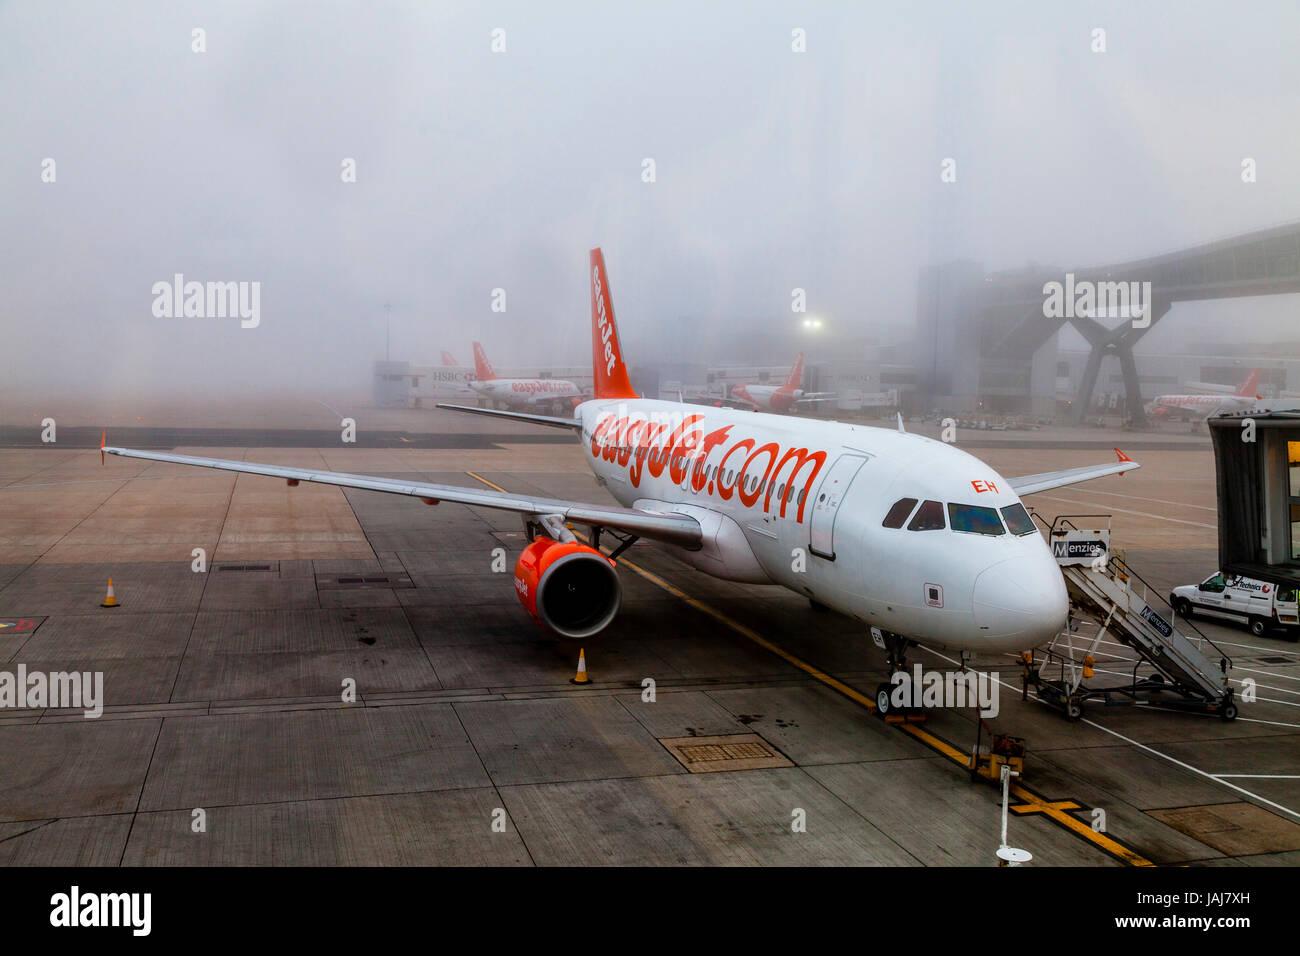 Un avion Easy Jet sur le terrain dans le brouillard à Londres Gatwick Airport, West Sussex, UK Photo Stock